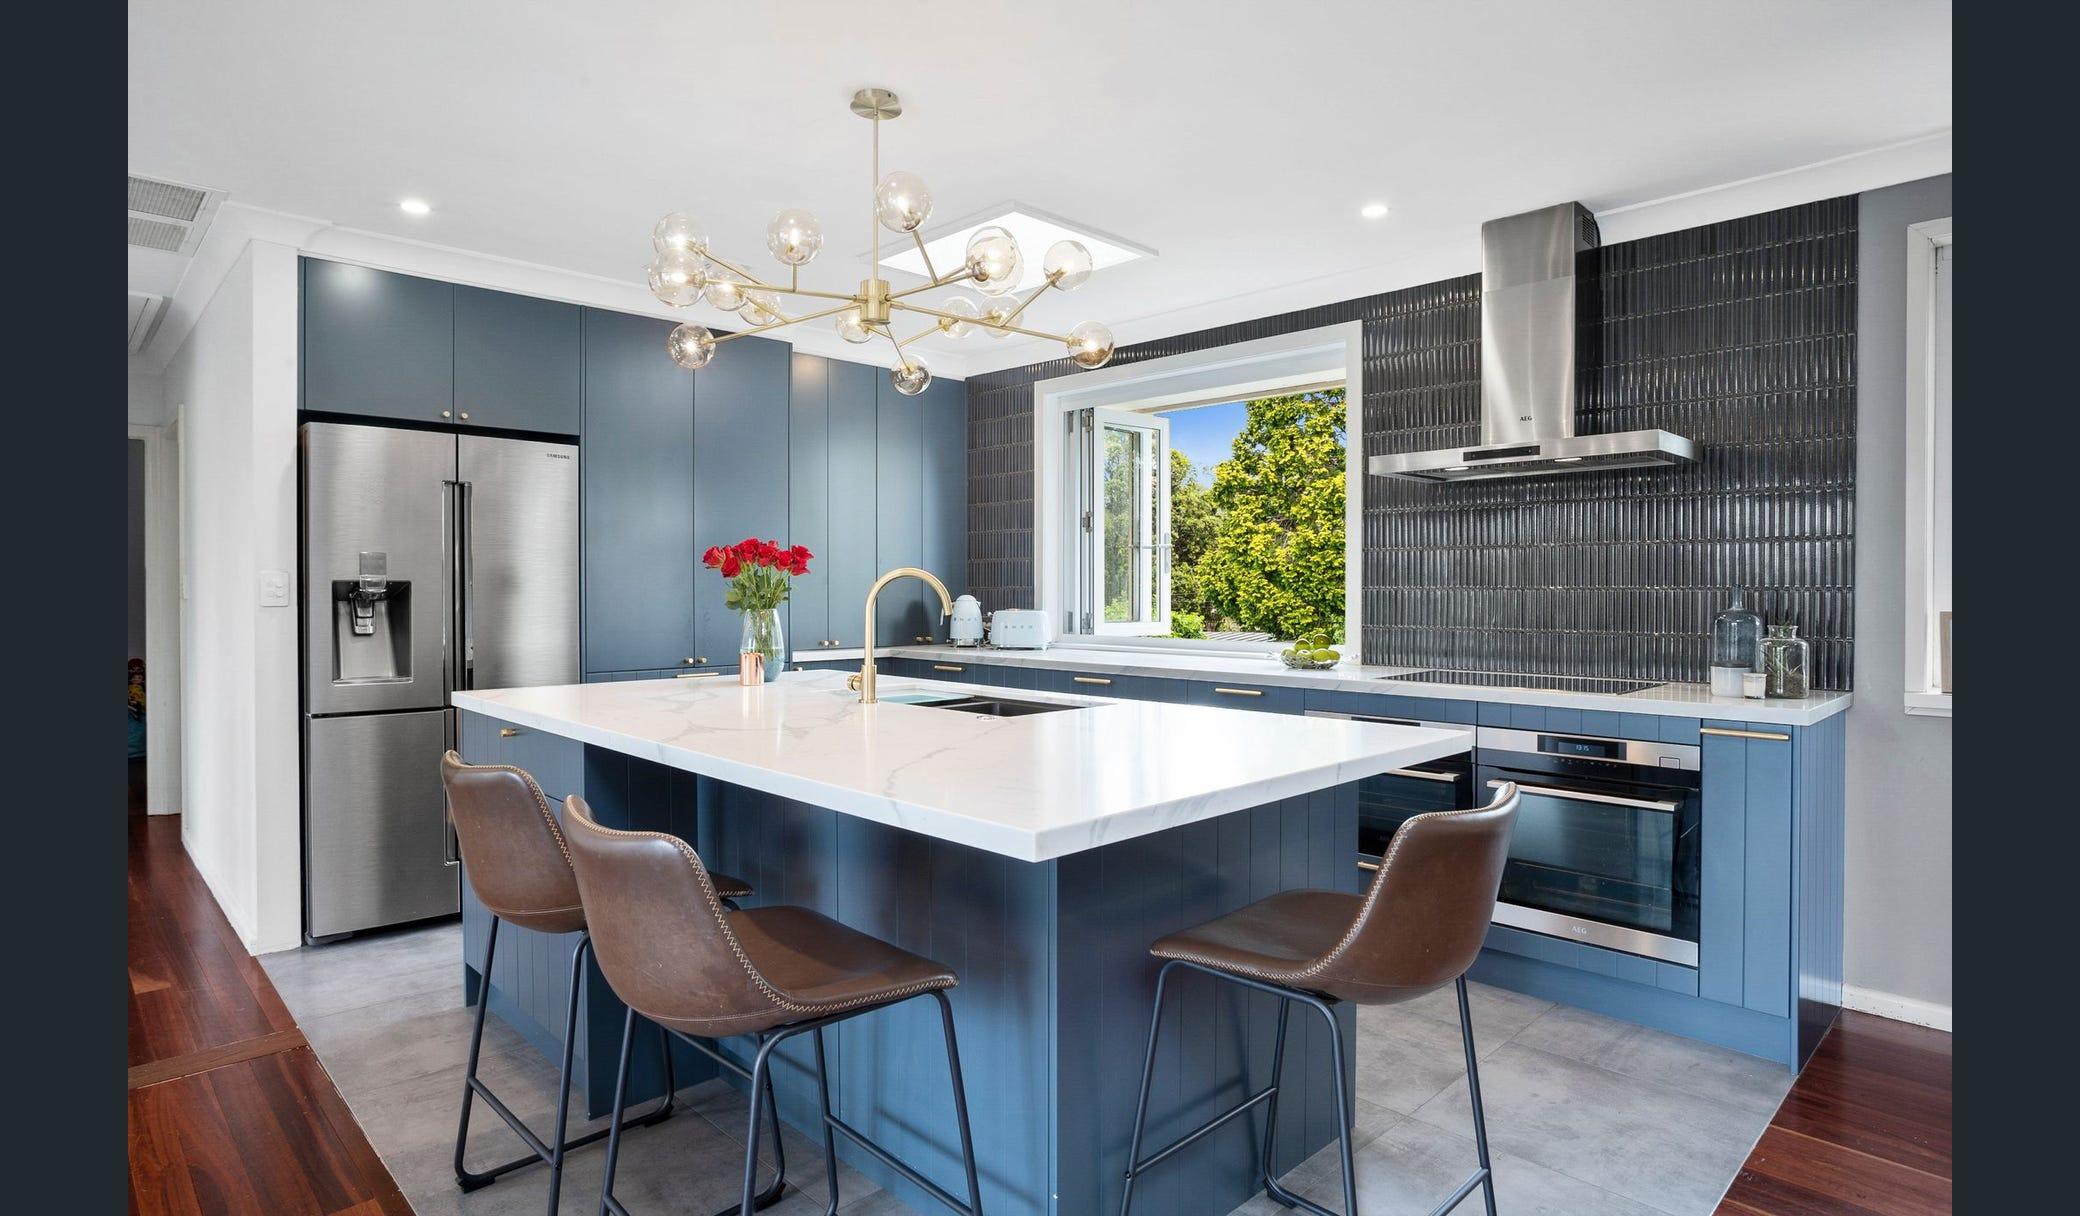 https://www.propertybuyer.com.au/hubfs/fraser   kitchen